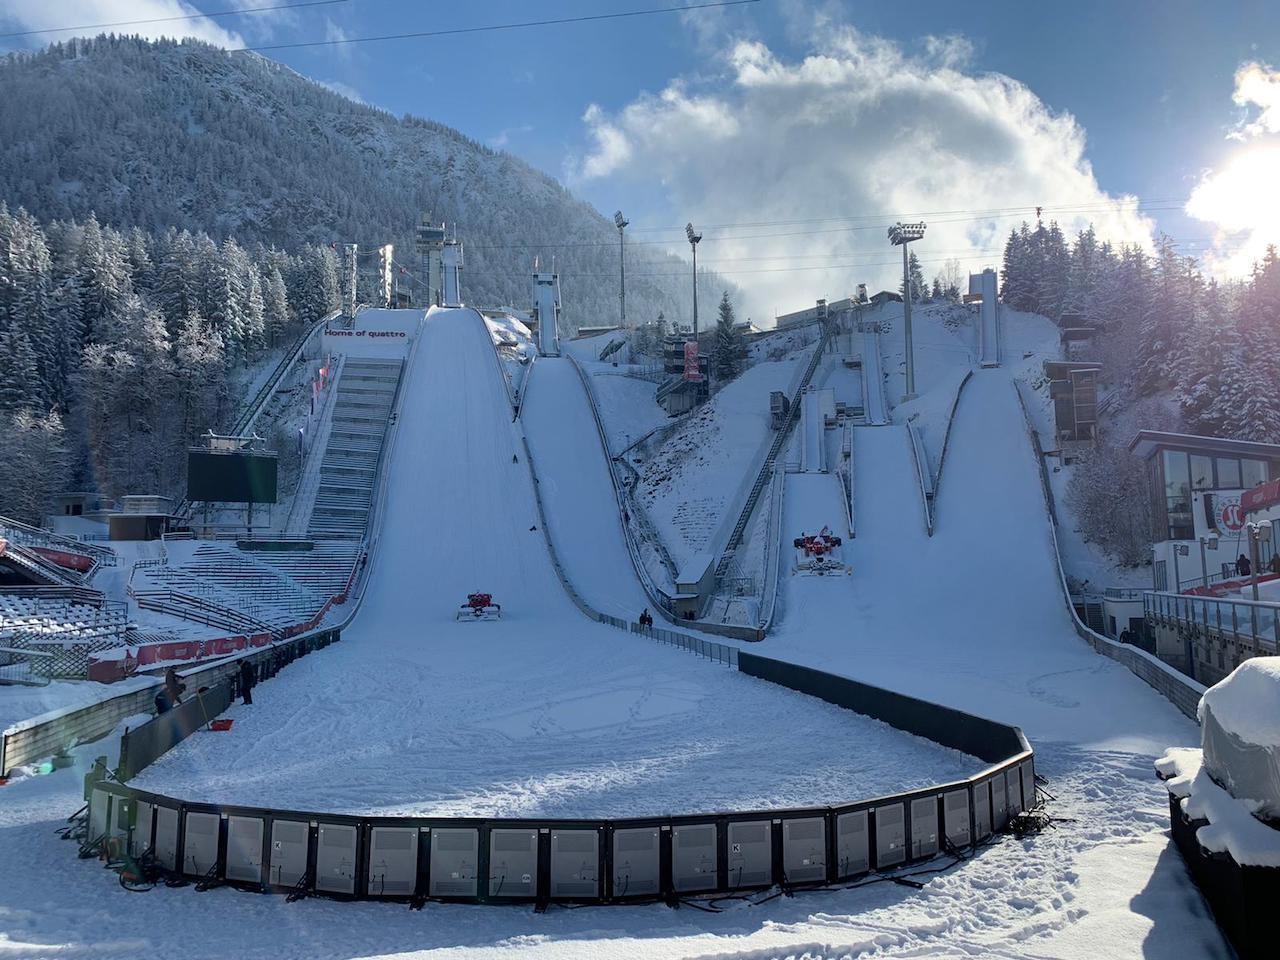 Vierschanzentournee obersdorf turniej czterech skoczni skoki narciarskie skocznia narciarska - Vierschanzentournee